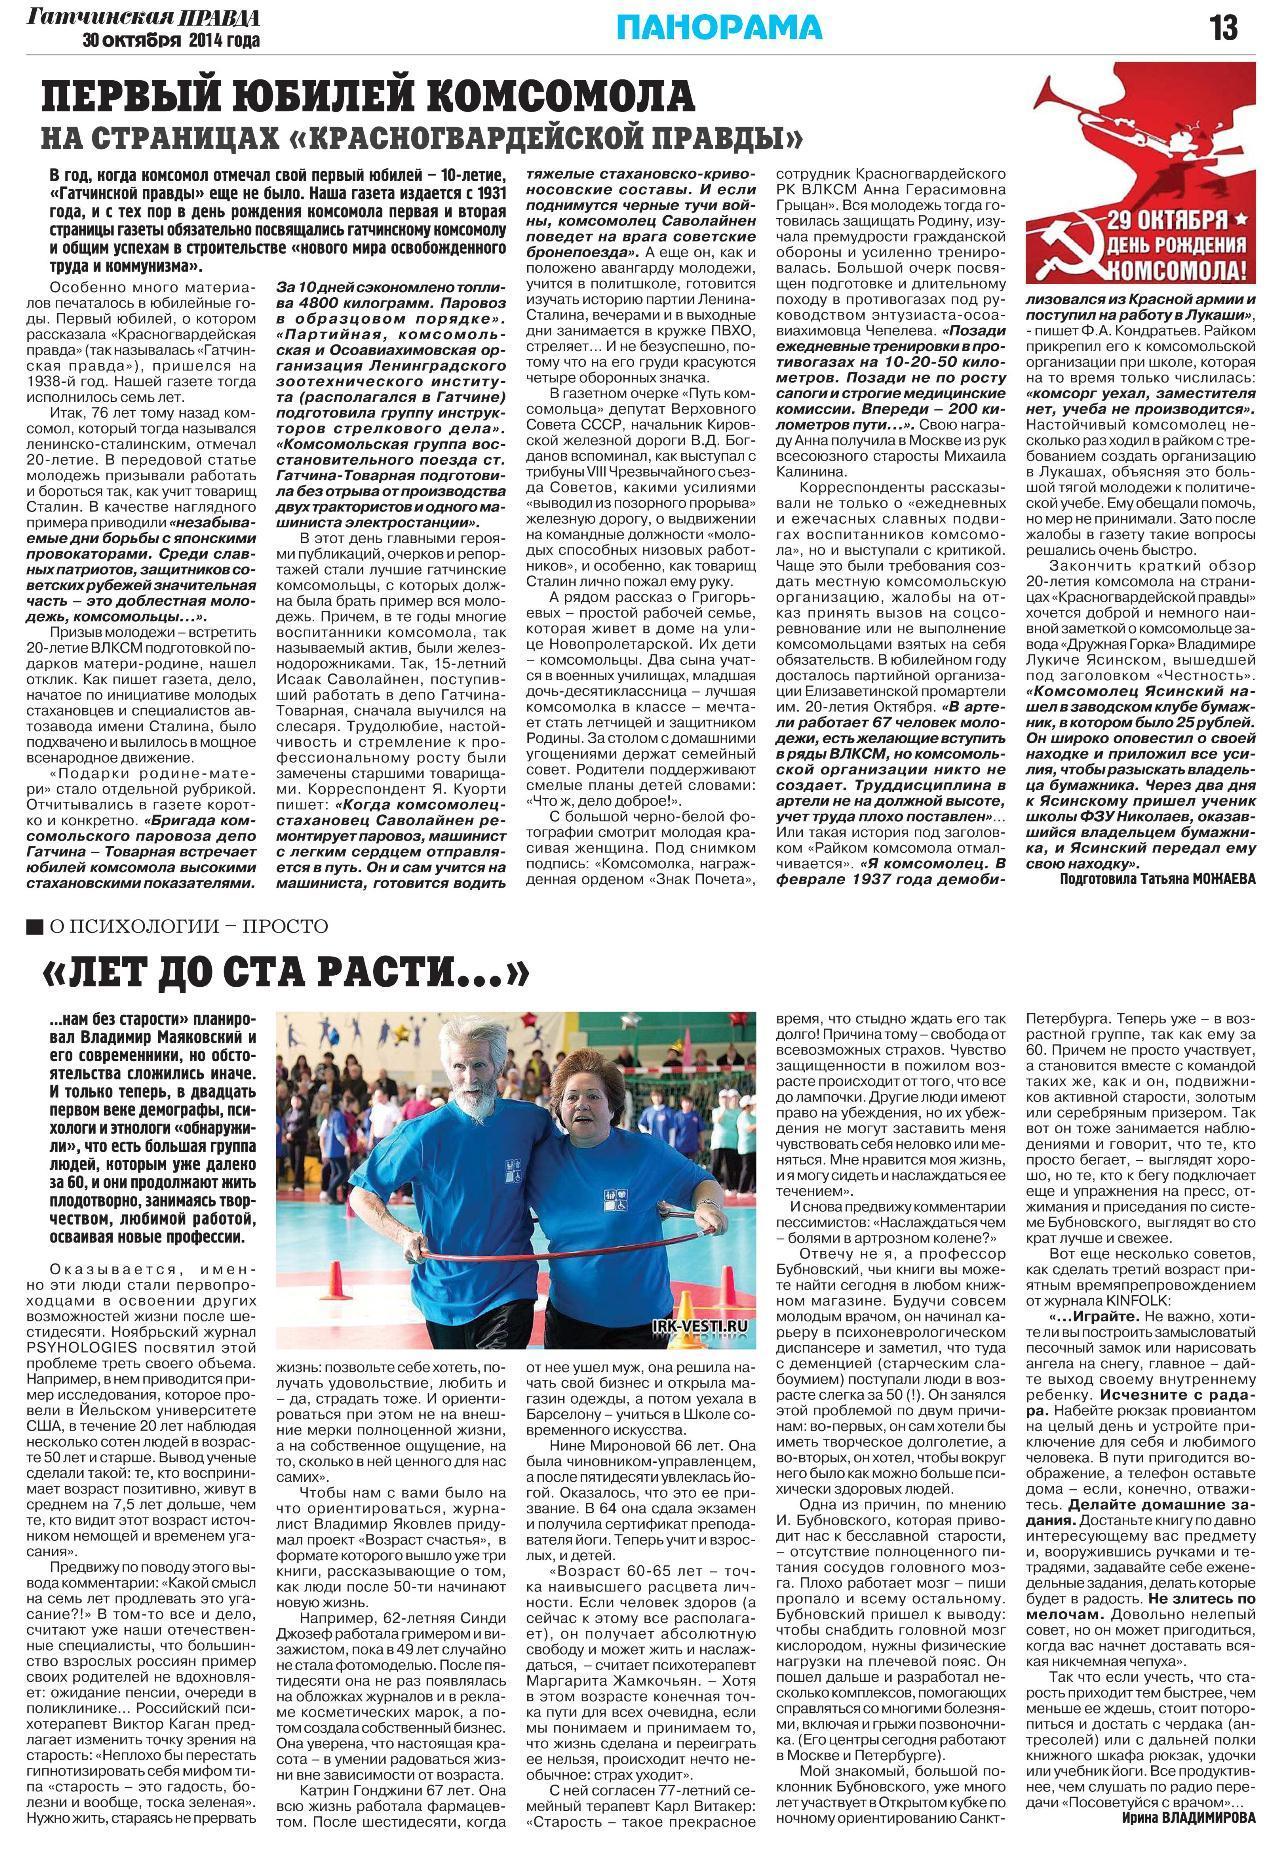 Гатчинская правда №123 от 30 октября 2014 года